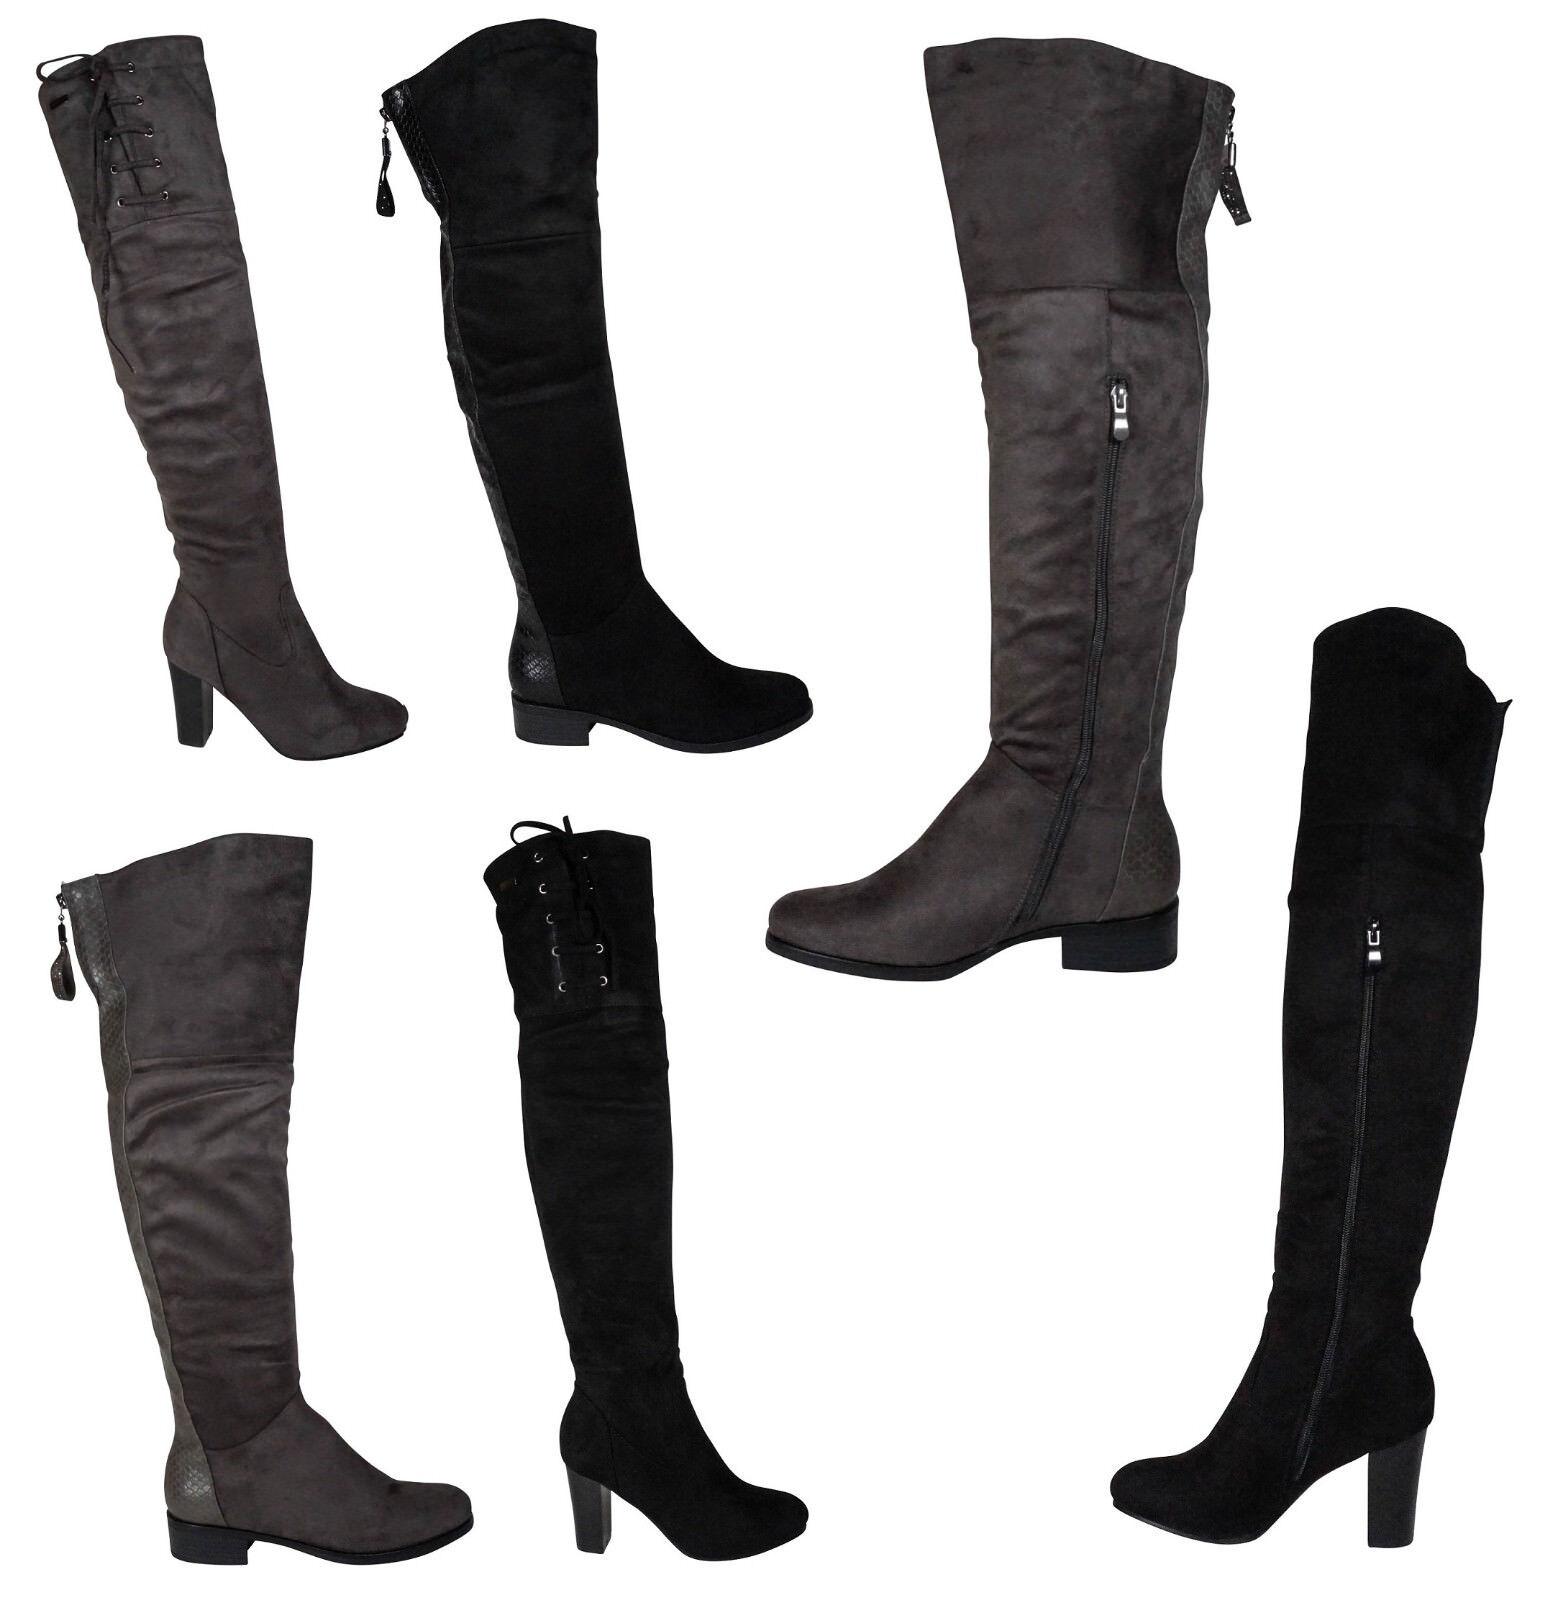 Damen Overknee Stiefel High Heels Stiefeletten Boots Gogo Overkneestiefe<wbr/>l neu